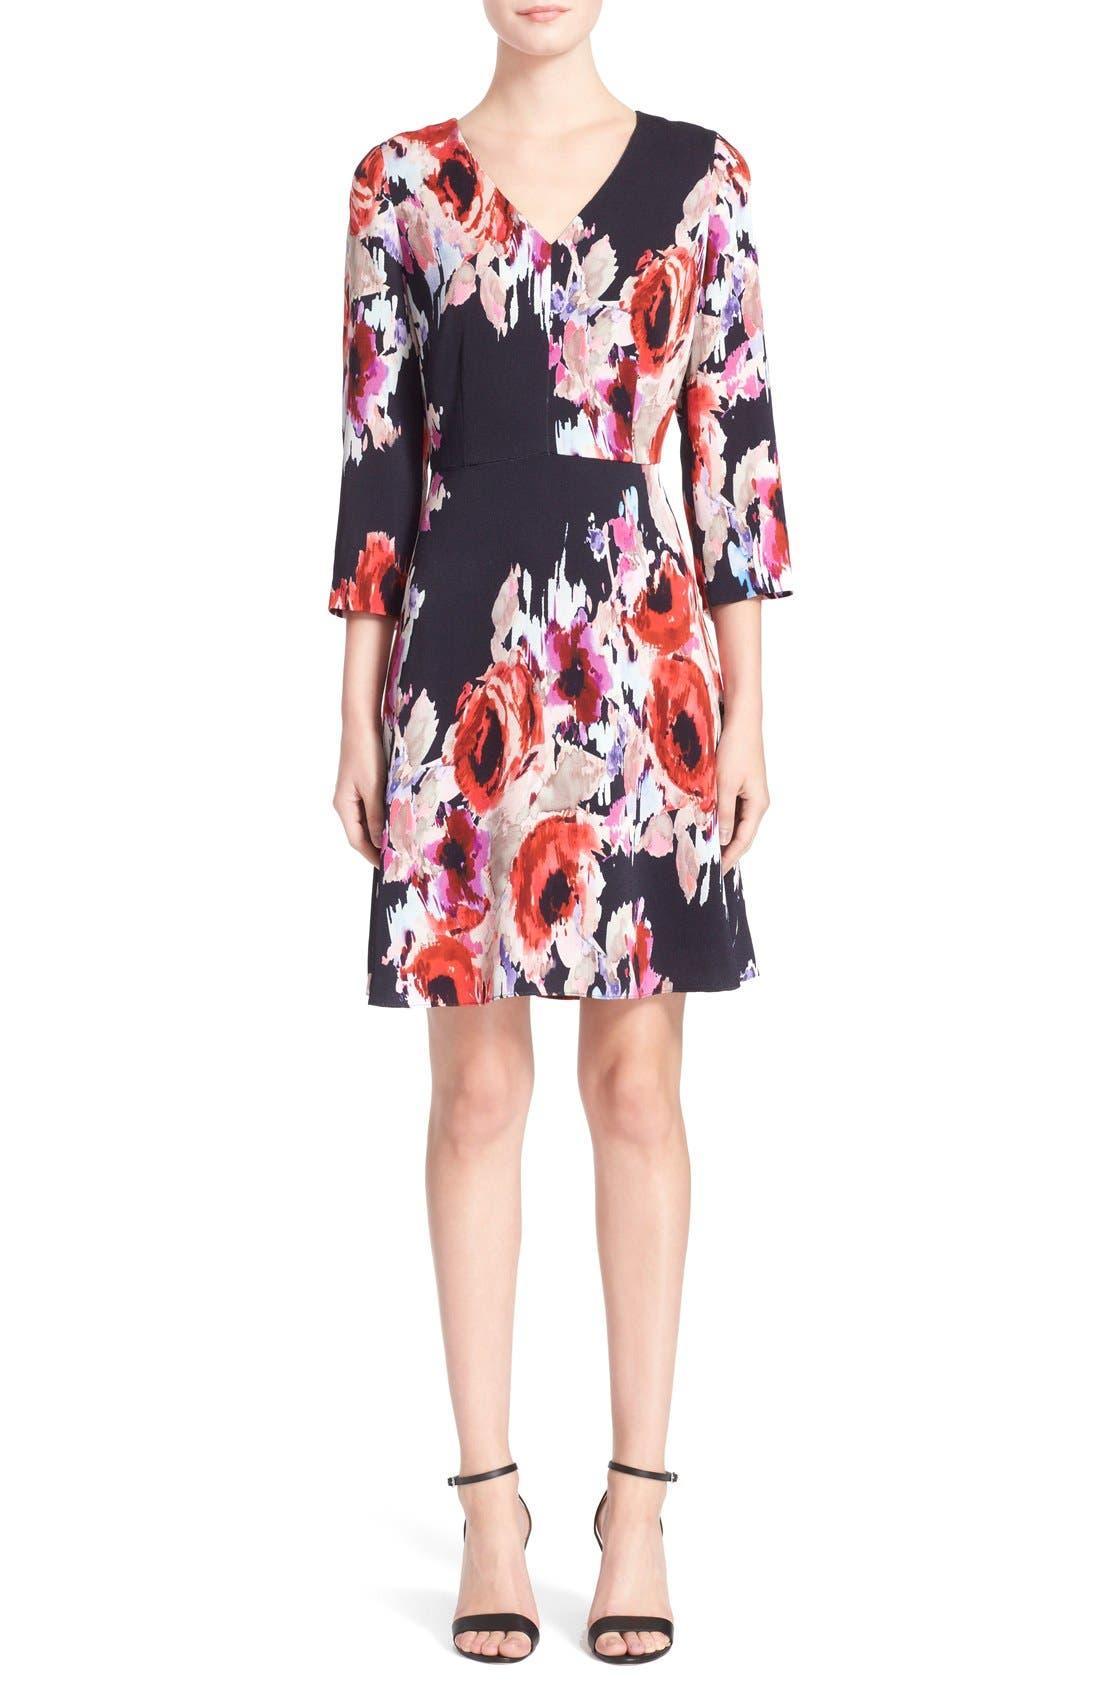 Alternate Image 1 Selected - kate spade new york floral print v-neck dress